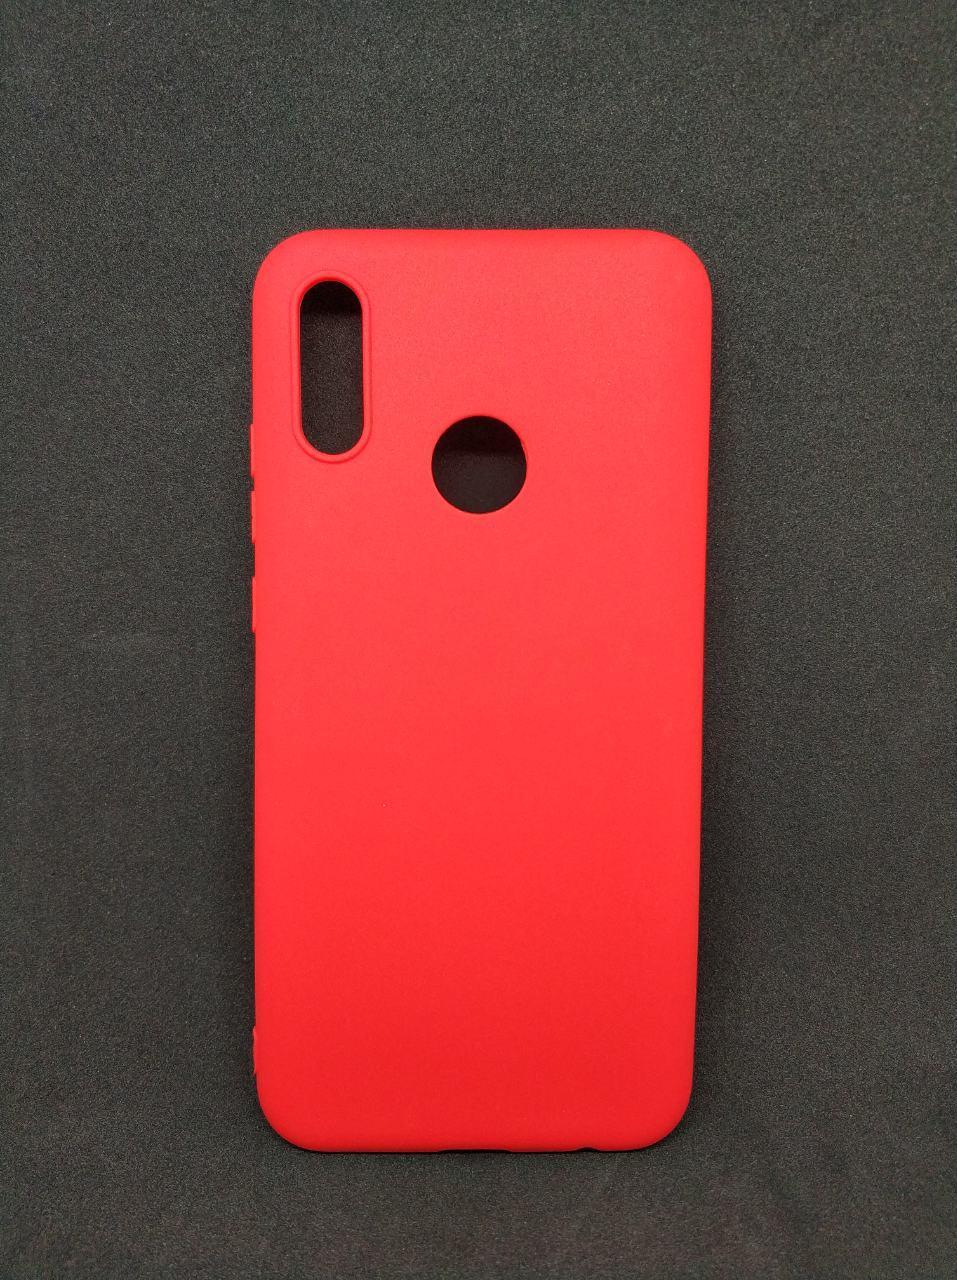 Силиконовый чехол бампер для Huawei P Smart 2019 Candy case Красный